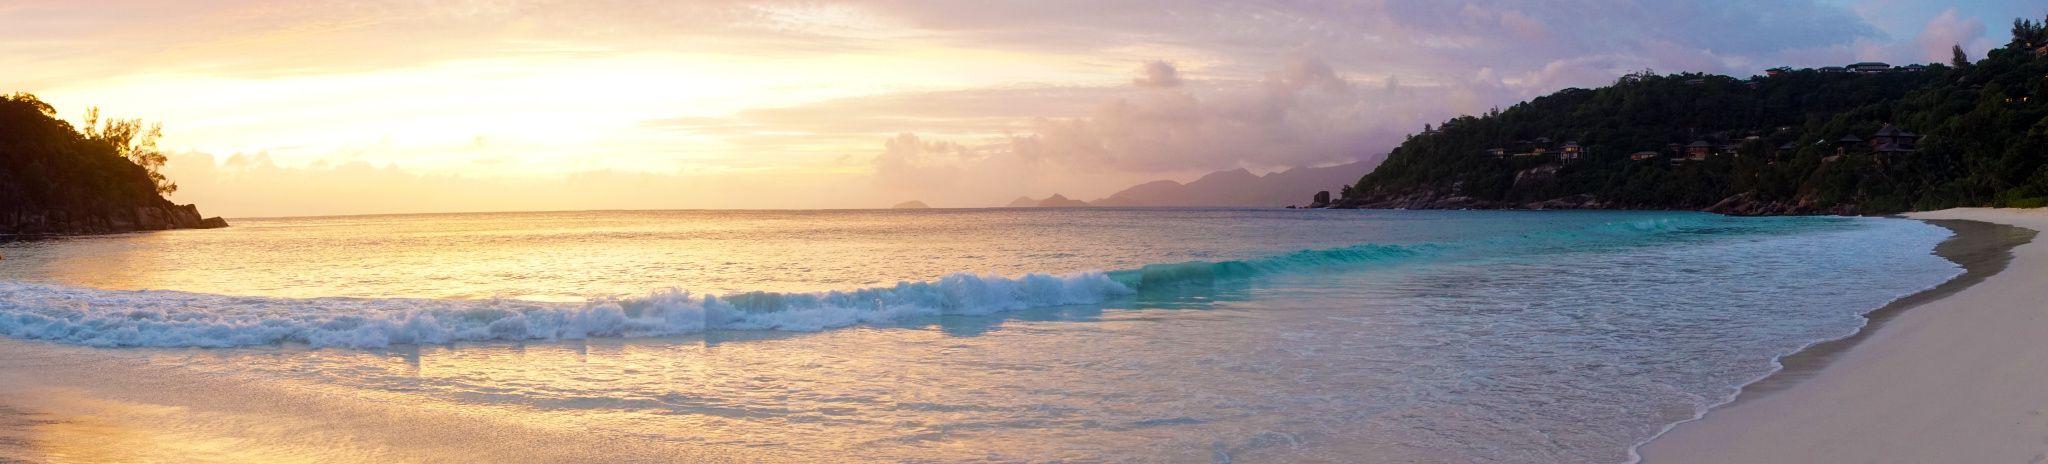 Le soleil et la mer - Anse Liberté, Mahé, Seychelles.